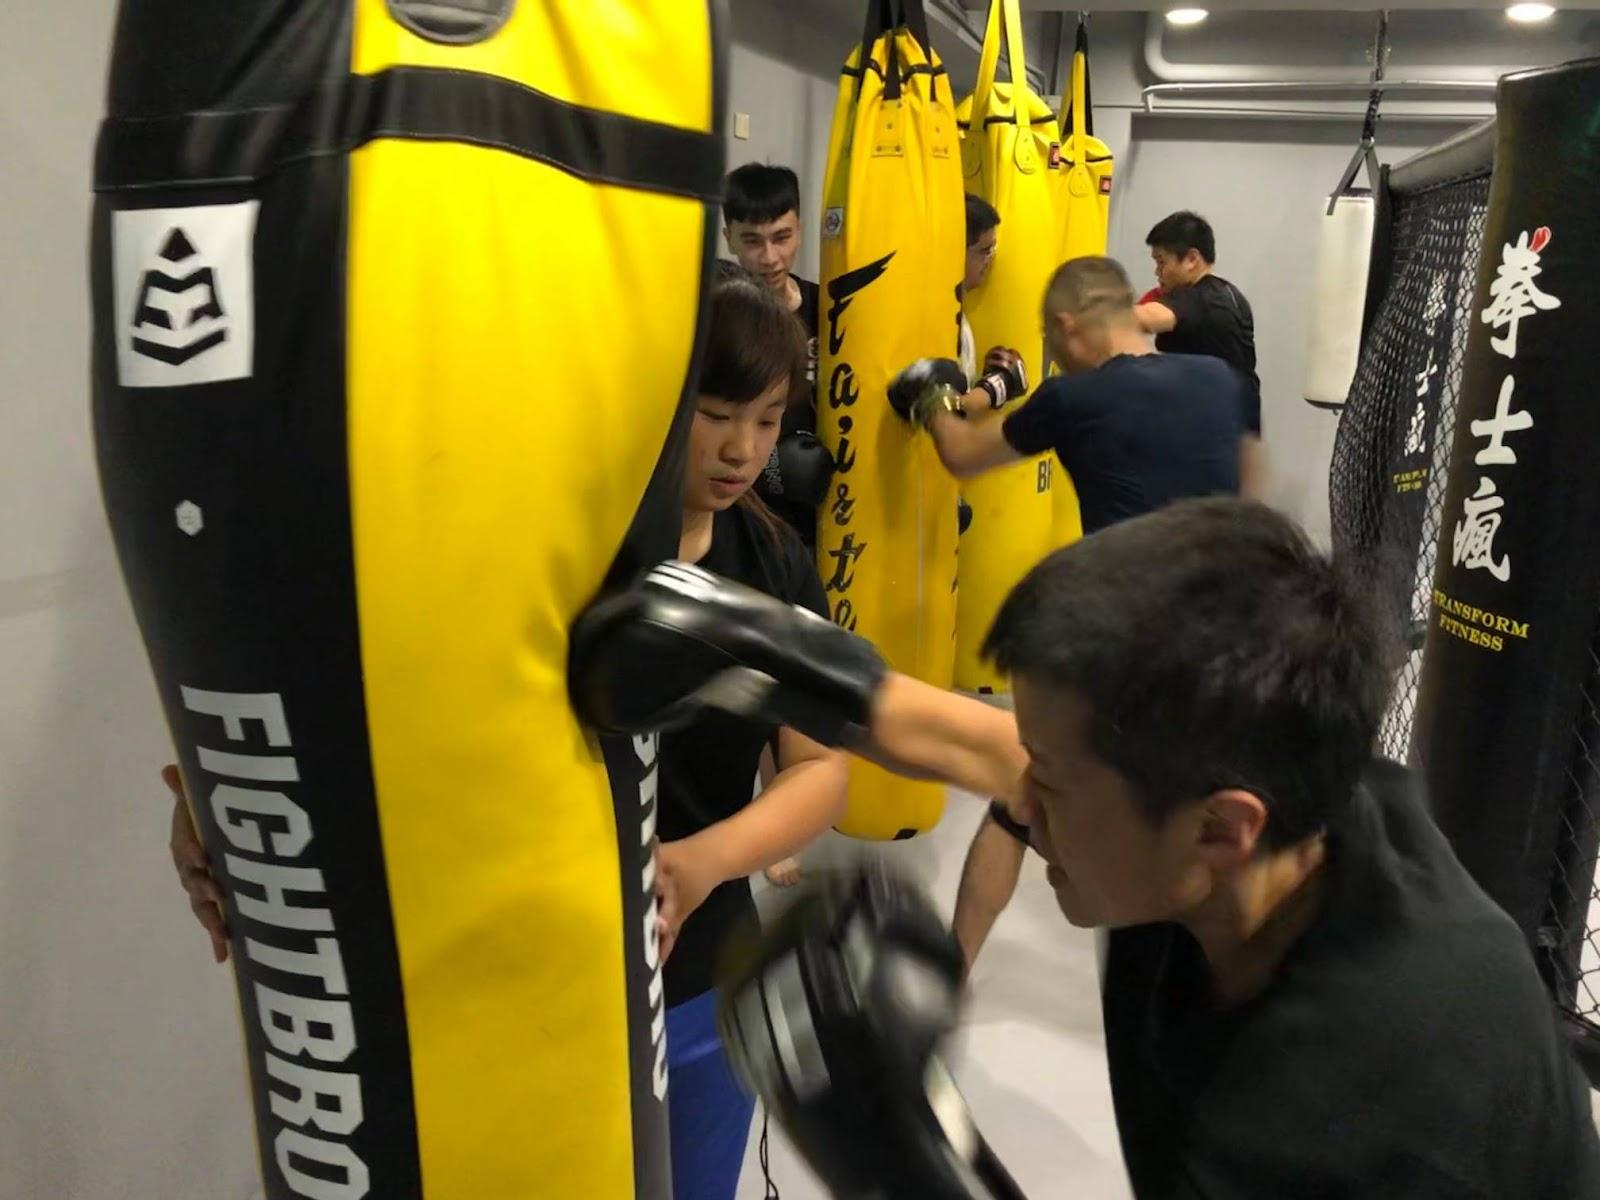 台中西屯區的拳士瘋拳擊健身房,超多沙包讓你一次打過癮,盡情發洩。